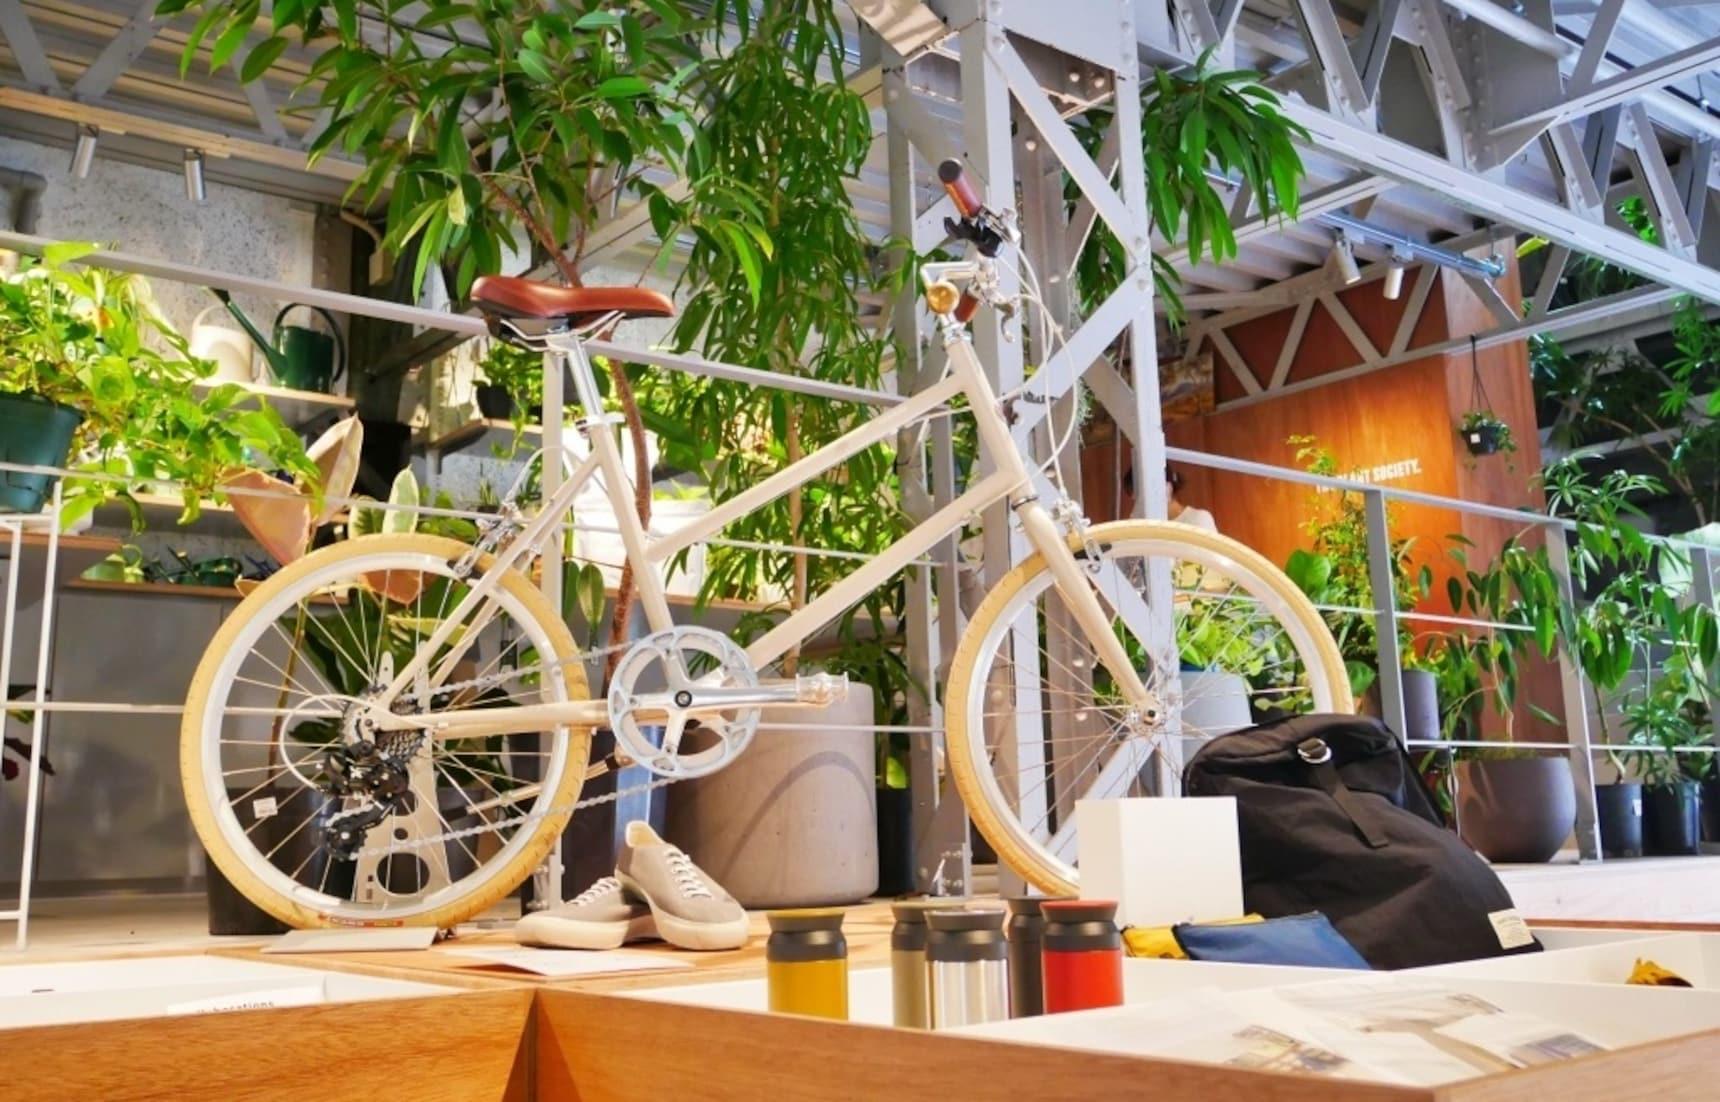 【日本品牌】性能與時尚並存的腳踏車,你的城市漫遊好夥伴「tokyobike」